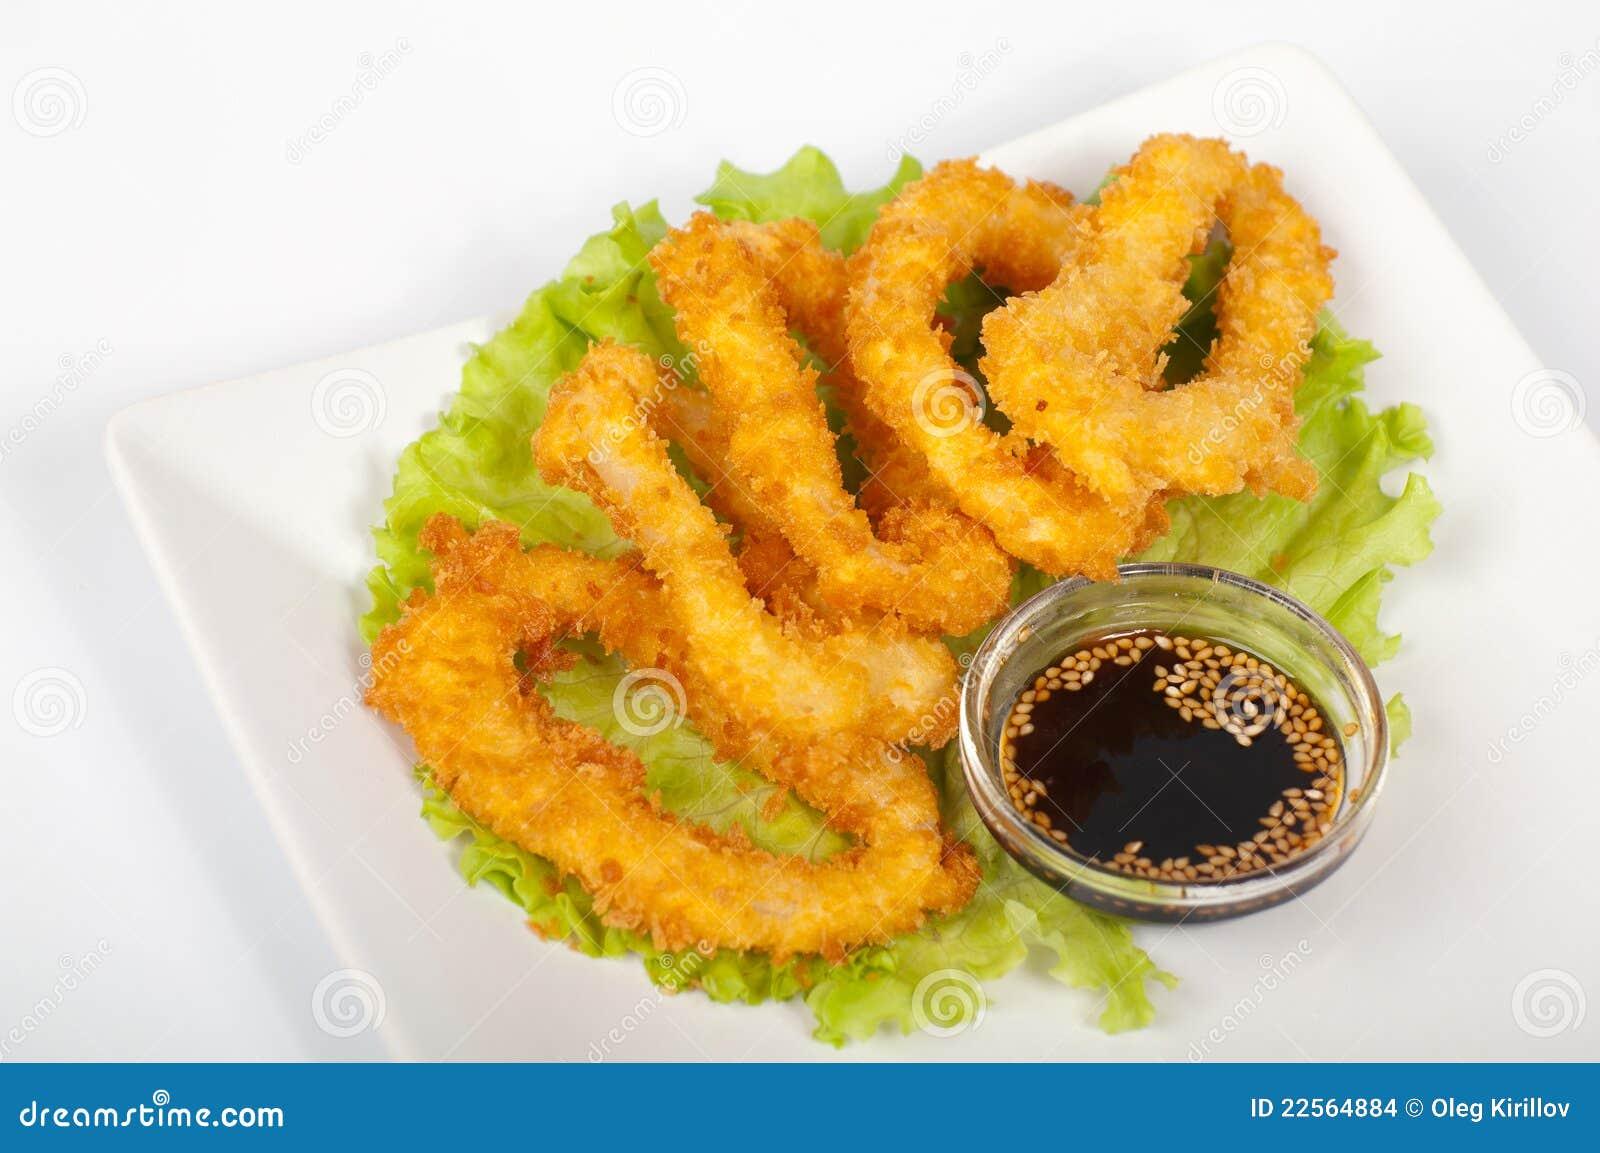 Tempura Squid Recipe — Dishmaps